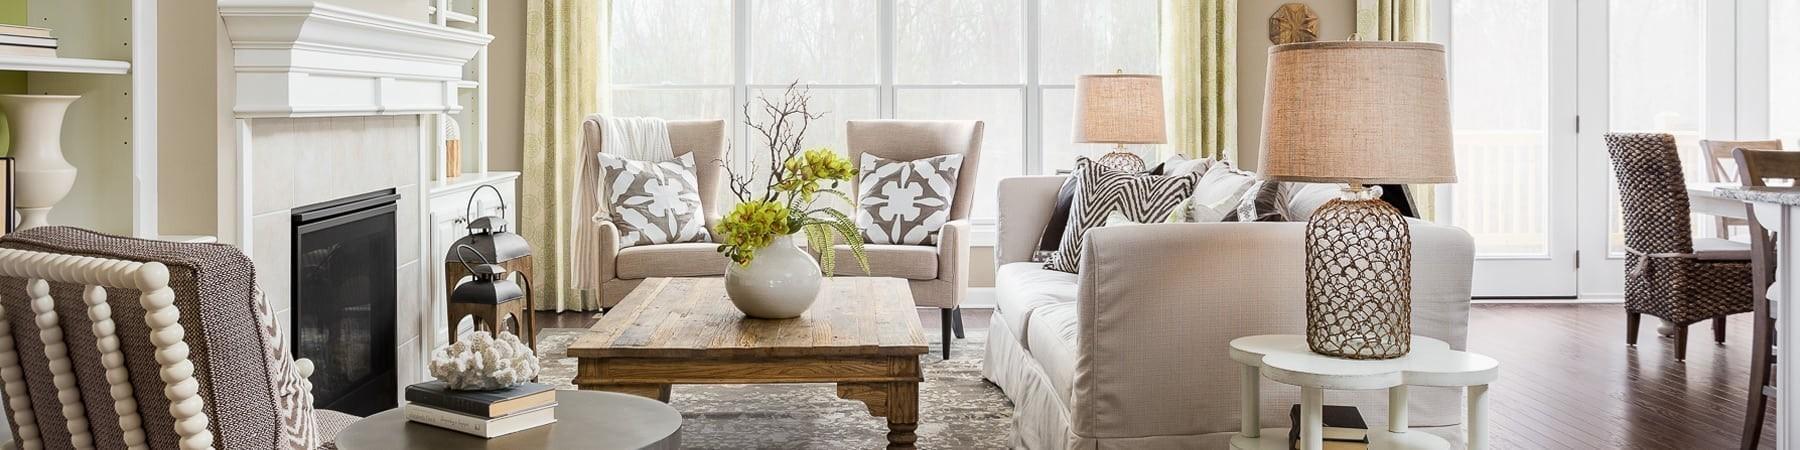 Tranh treo tường, Tranh trang trí phòng khách gia đình. Đẹp,chất lượng